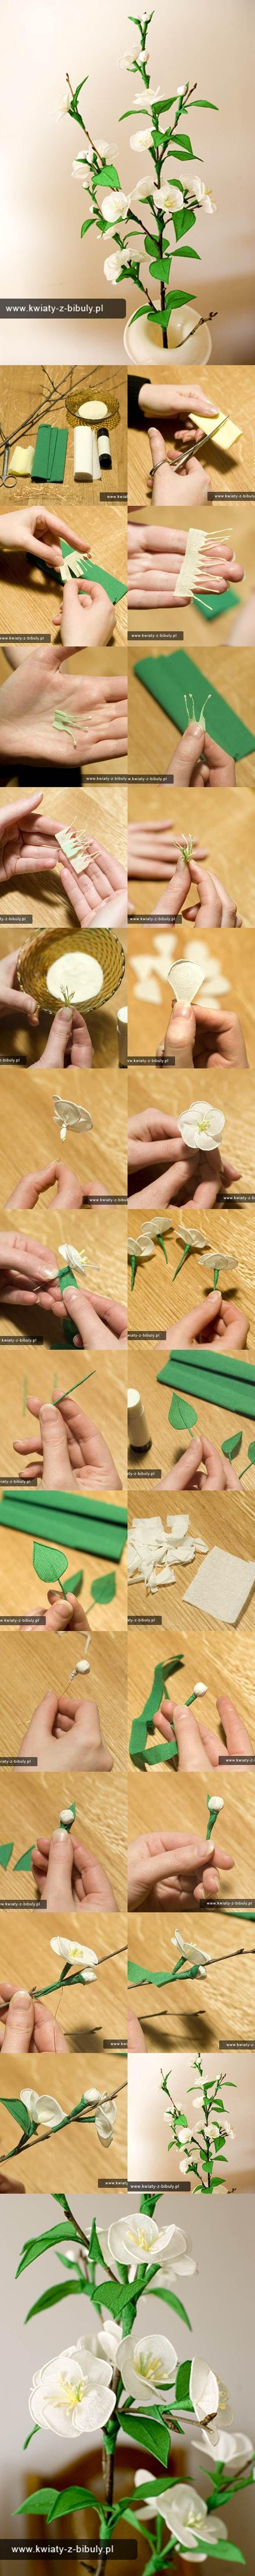 DIY Delicate Crepe Paper Cherry Blossom Sprig http://www.icreativeideas.com/diy-delicate-crepe-paper-cherry-blossom-sprig/